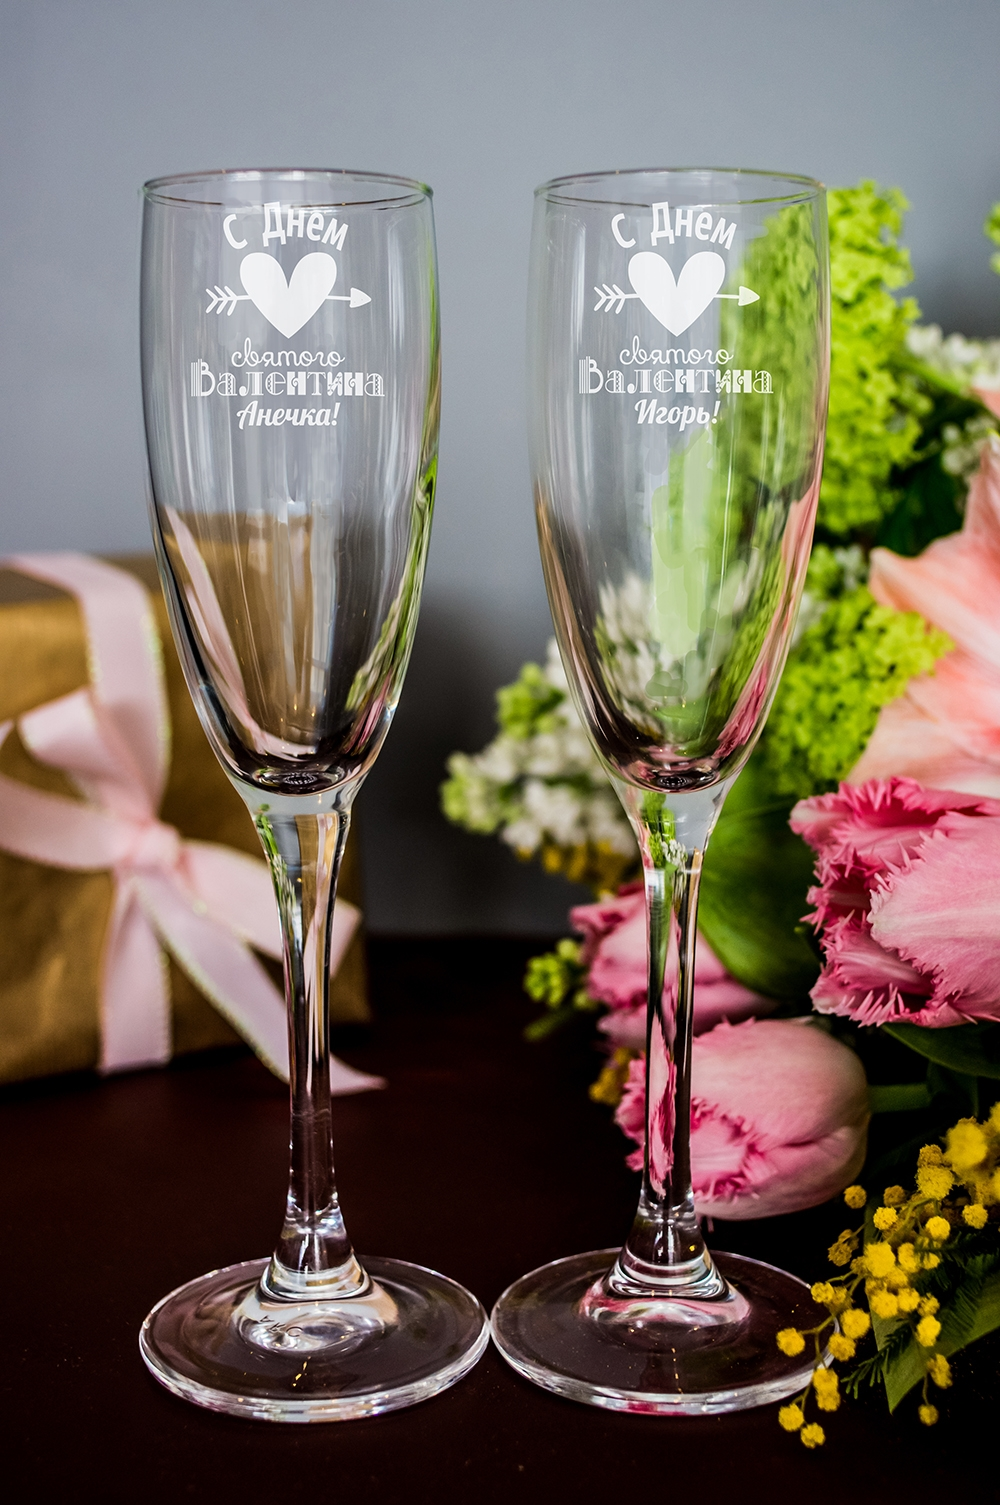 Набор бокалов для шампанского с вашим текстом (длинные) Ко Дню Св. ВалентинаПодарки на 14 февраля<br>Размер: 170мл, Выс=22.5см. Материал: стекло<br>